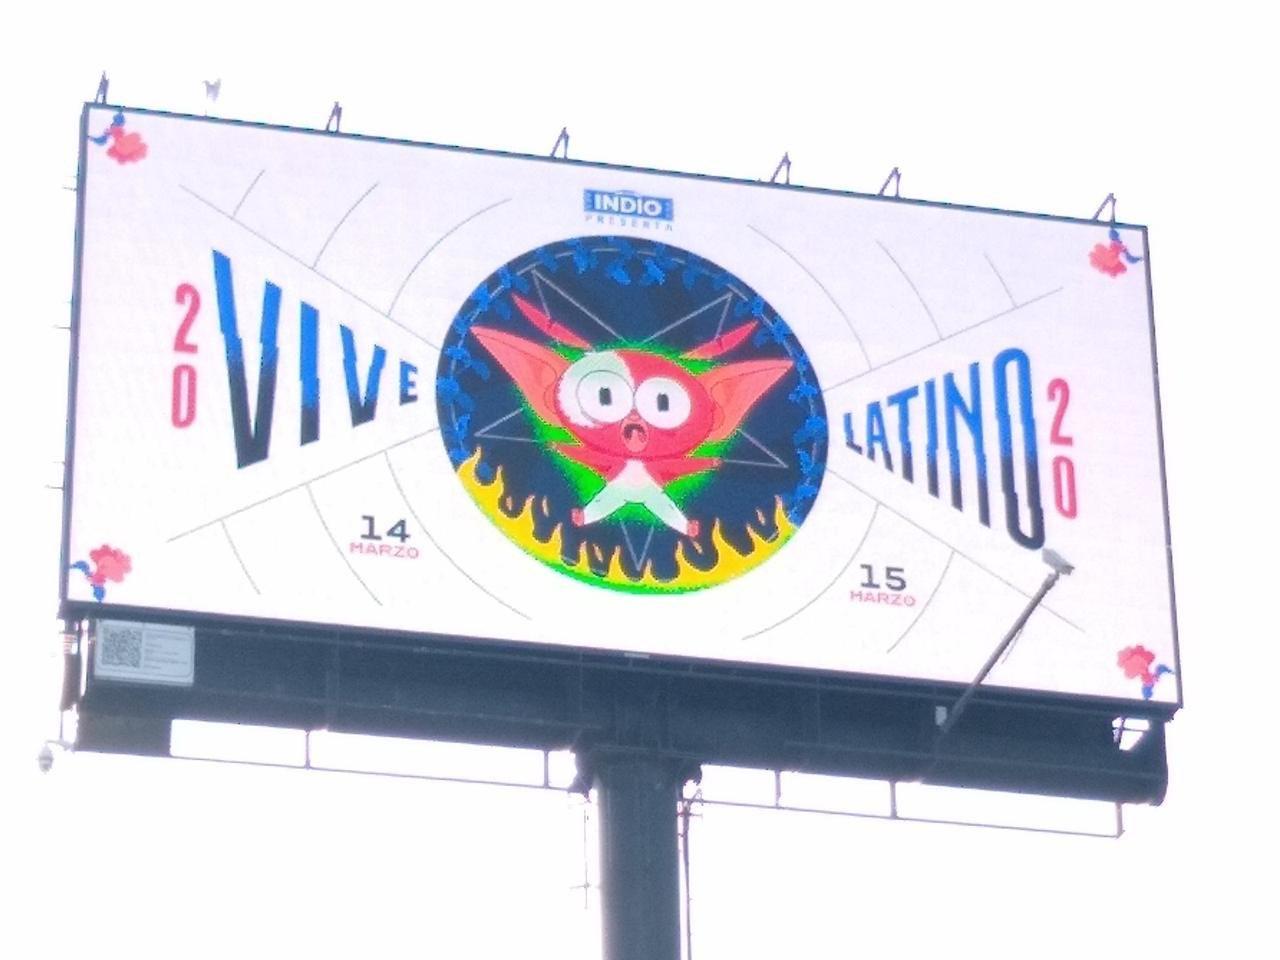 Cartel del Vive Latino 2020 sorprende: destacan 31 minutos y GNR